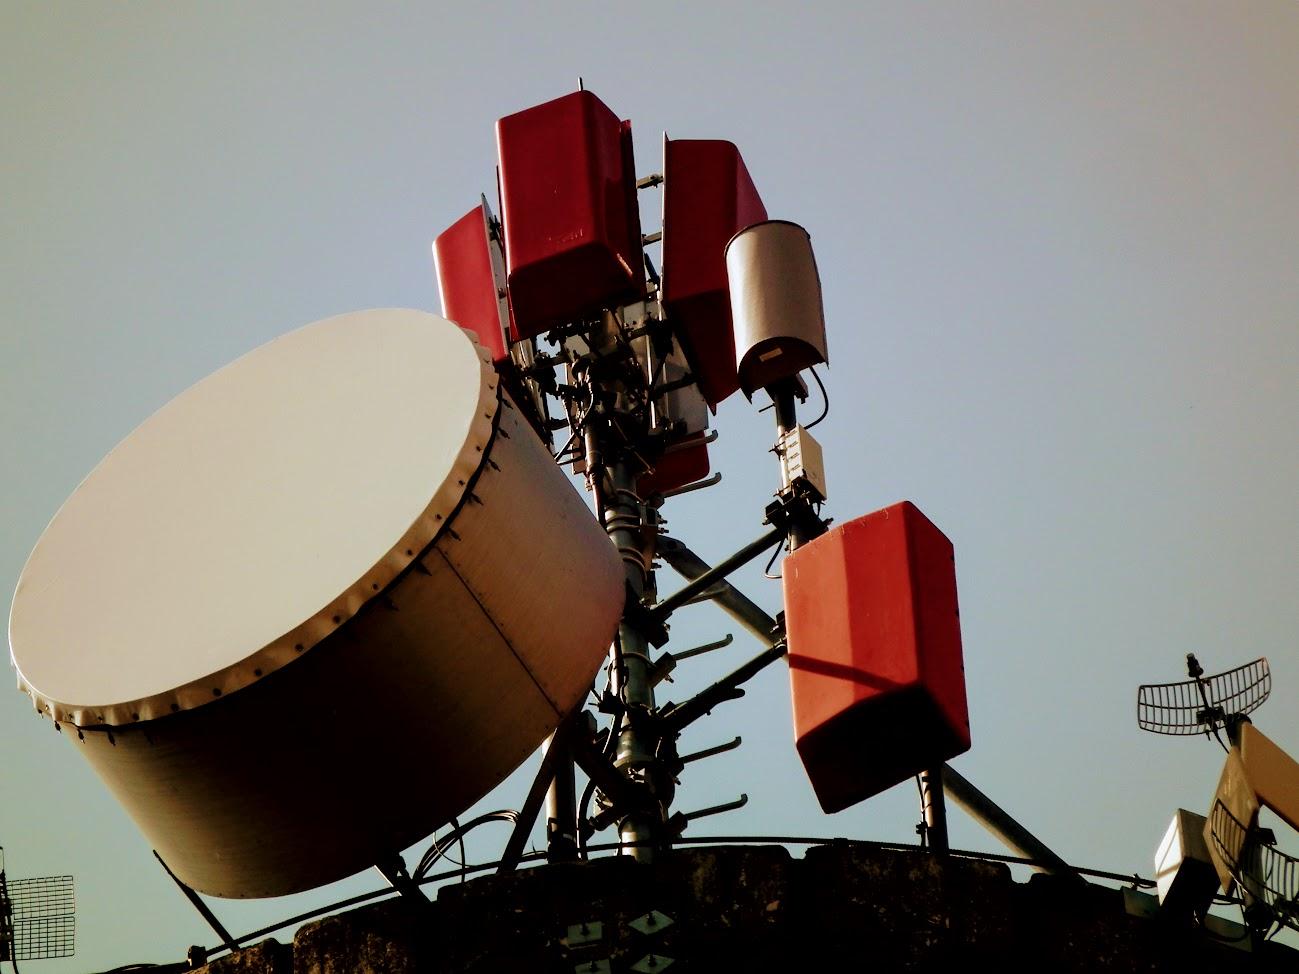 Szigetvár/víztorony - DVB-T gapfiller